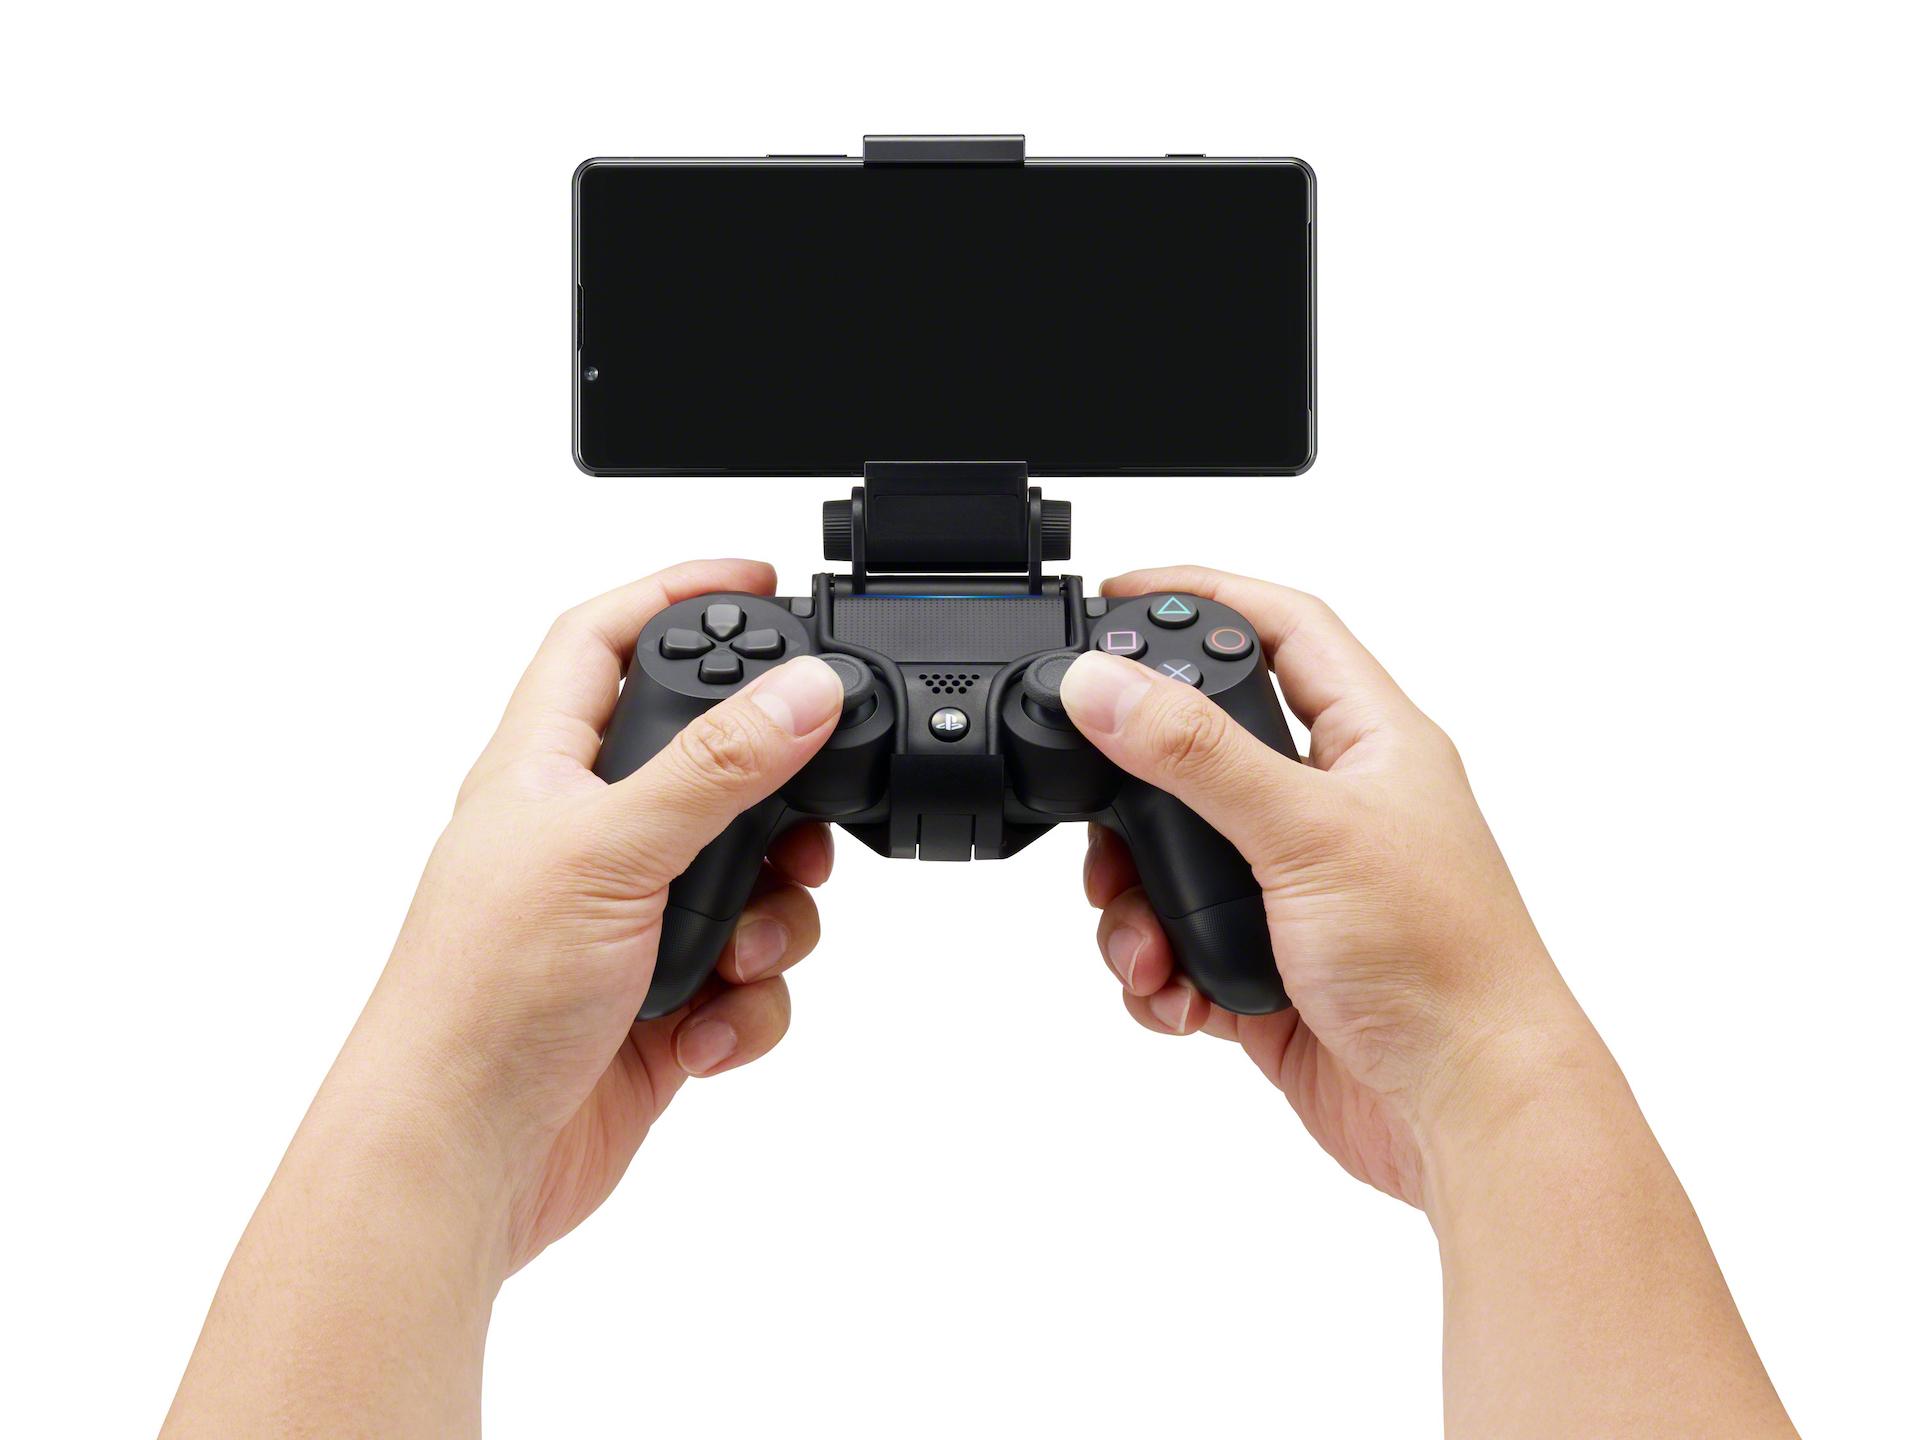 Xperia-1-II-Black_DualShock.jpg